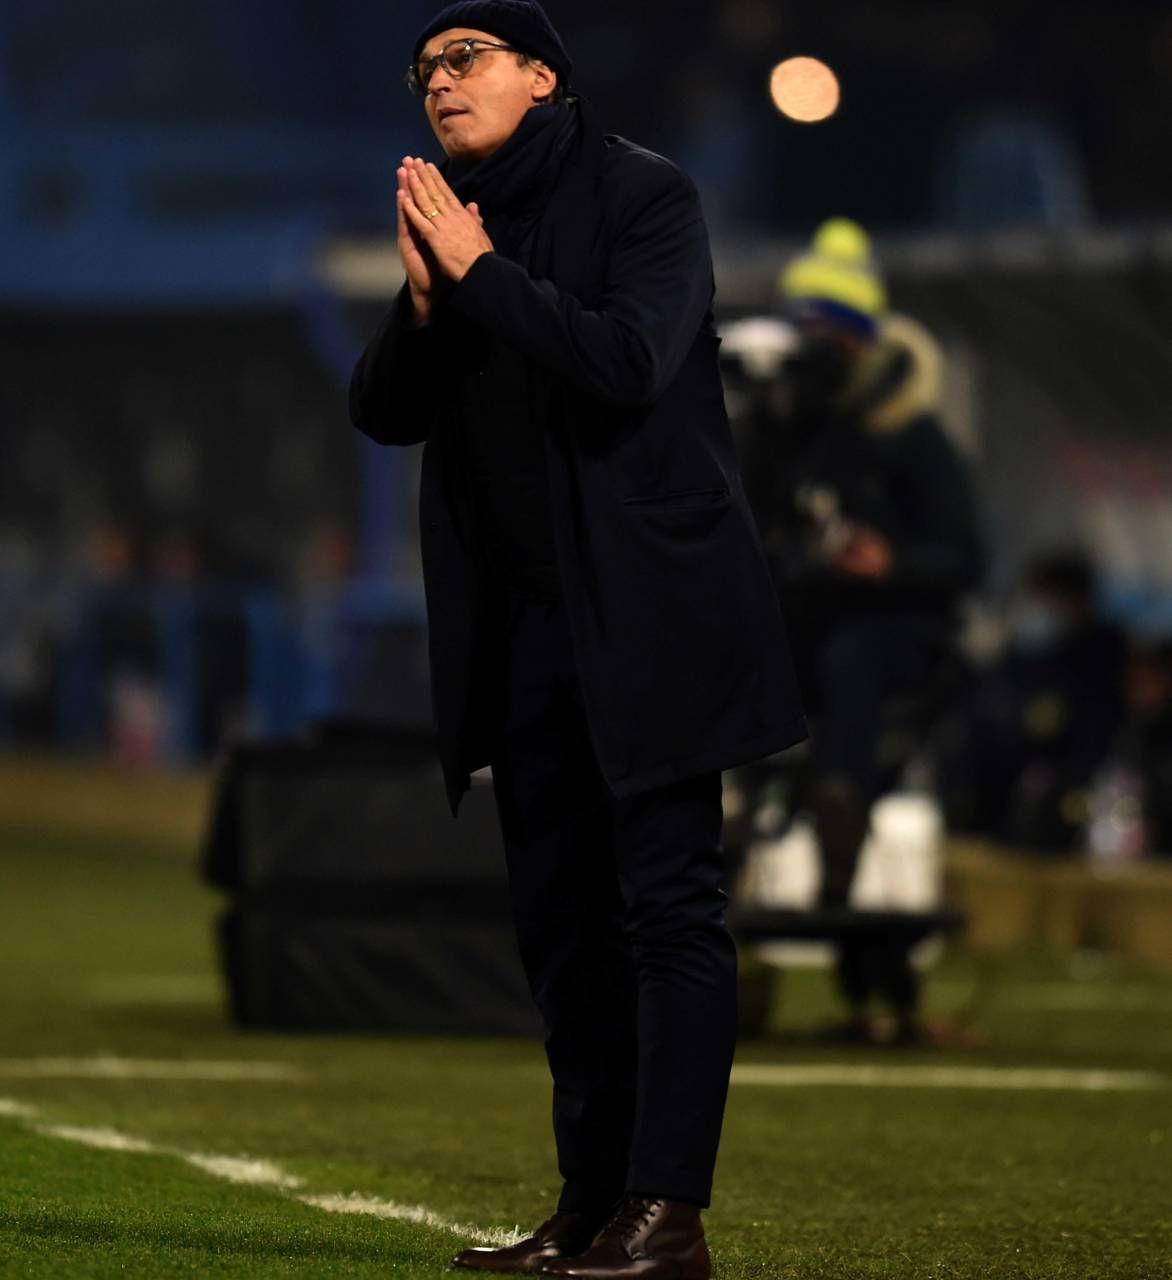 Pasquale Marino a Torino non avrà i soli Di Francesco e Tumminello, che per giunta è squalificato in Coppa, ma farà alcuni cambi (Foto Bp)